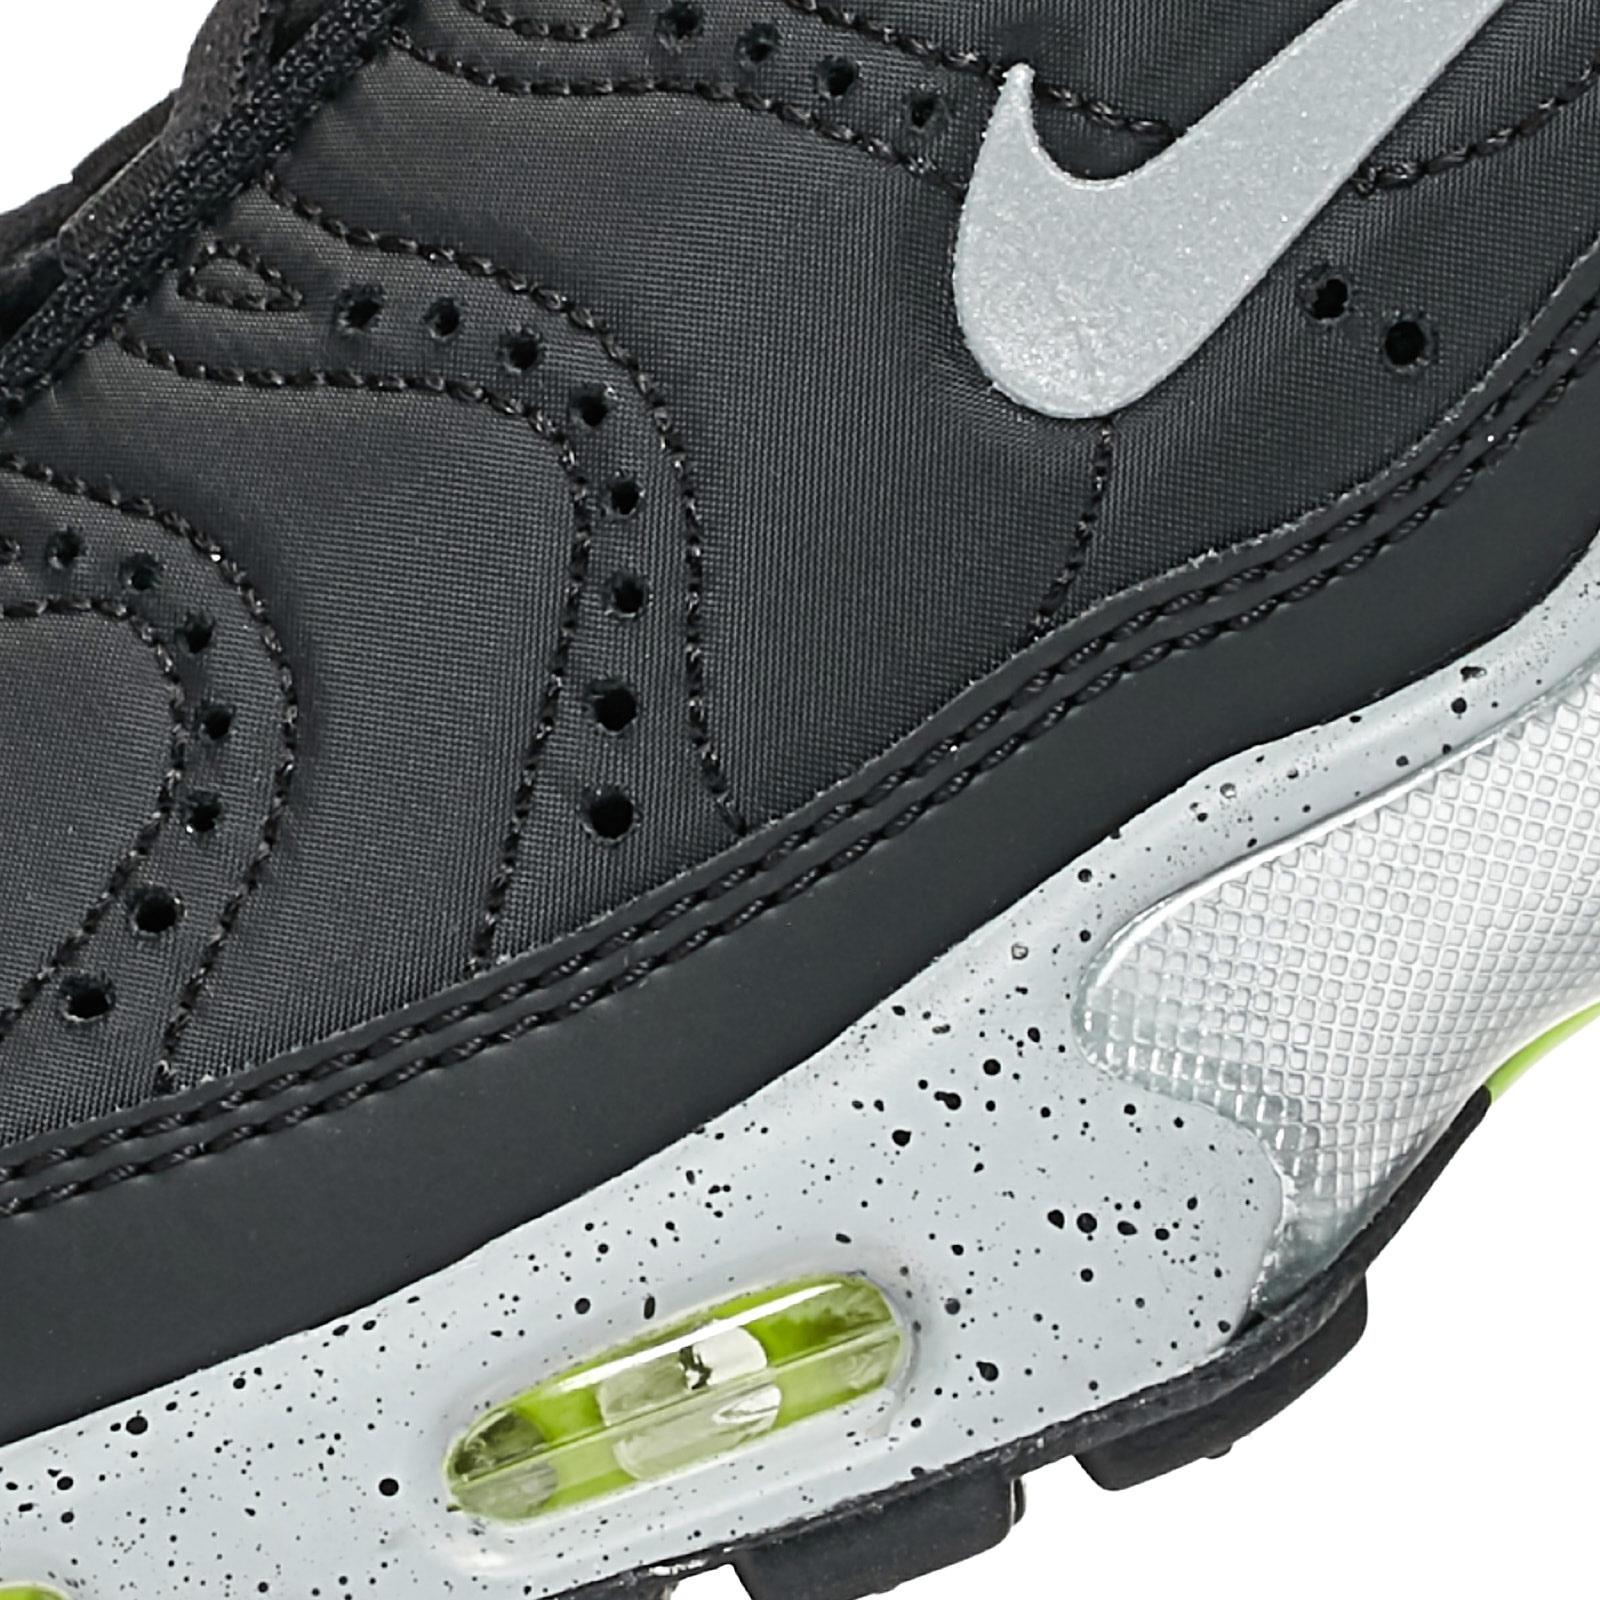 484bbff3da Nike Air Max Plus Premium - 815994-003 - Sneakersnstuff | sneakers ...